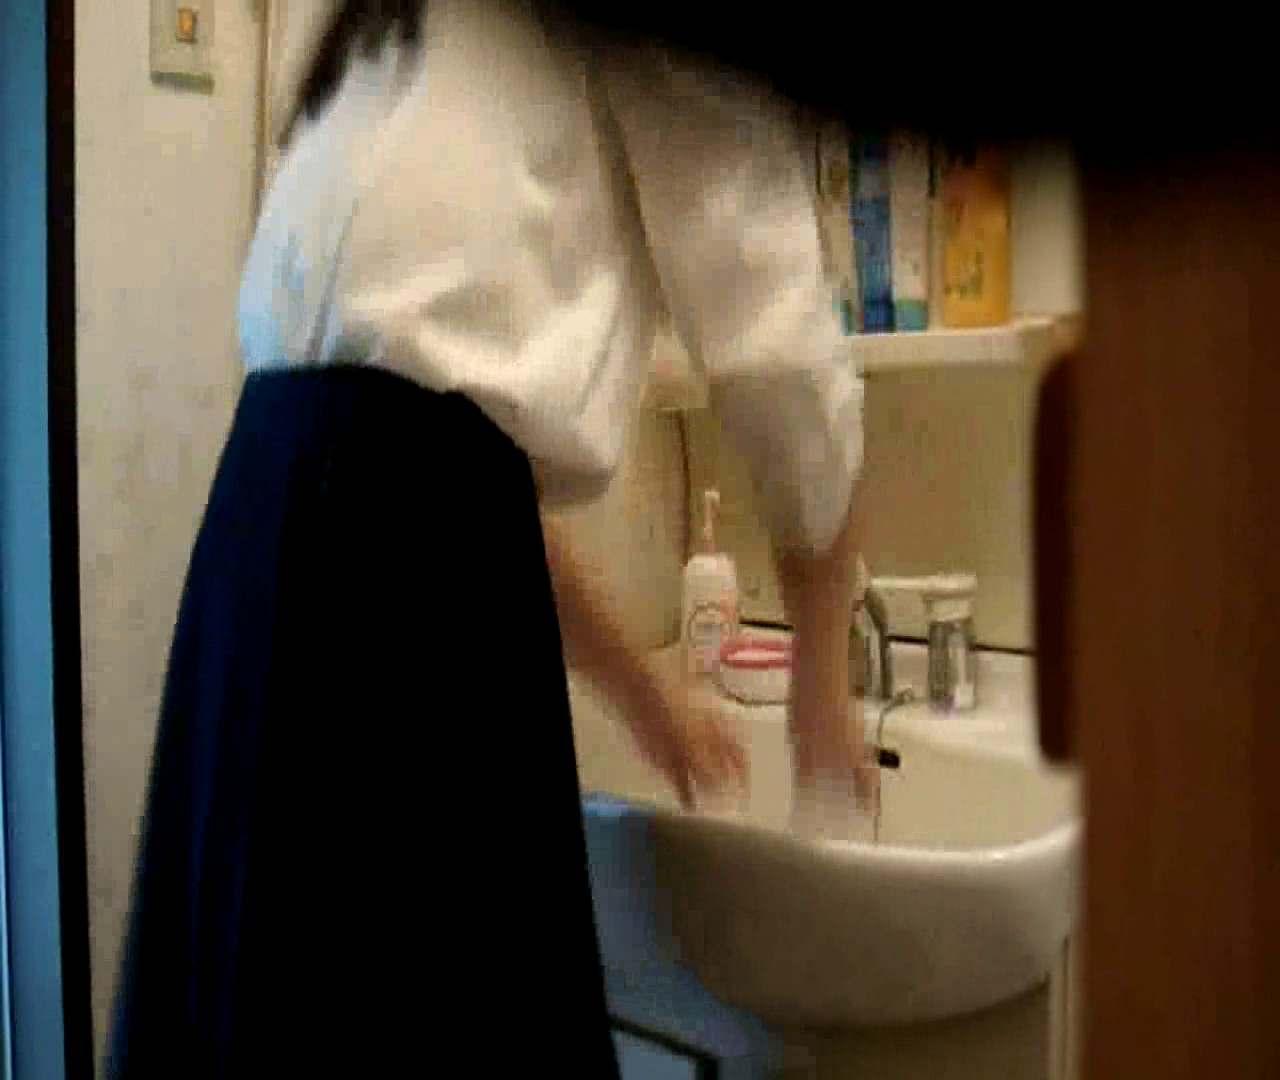 盗撮AV:vol.5 まどかが帰宅後の洗顔後にブラを洗ってます。:怪盗ジョーカー